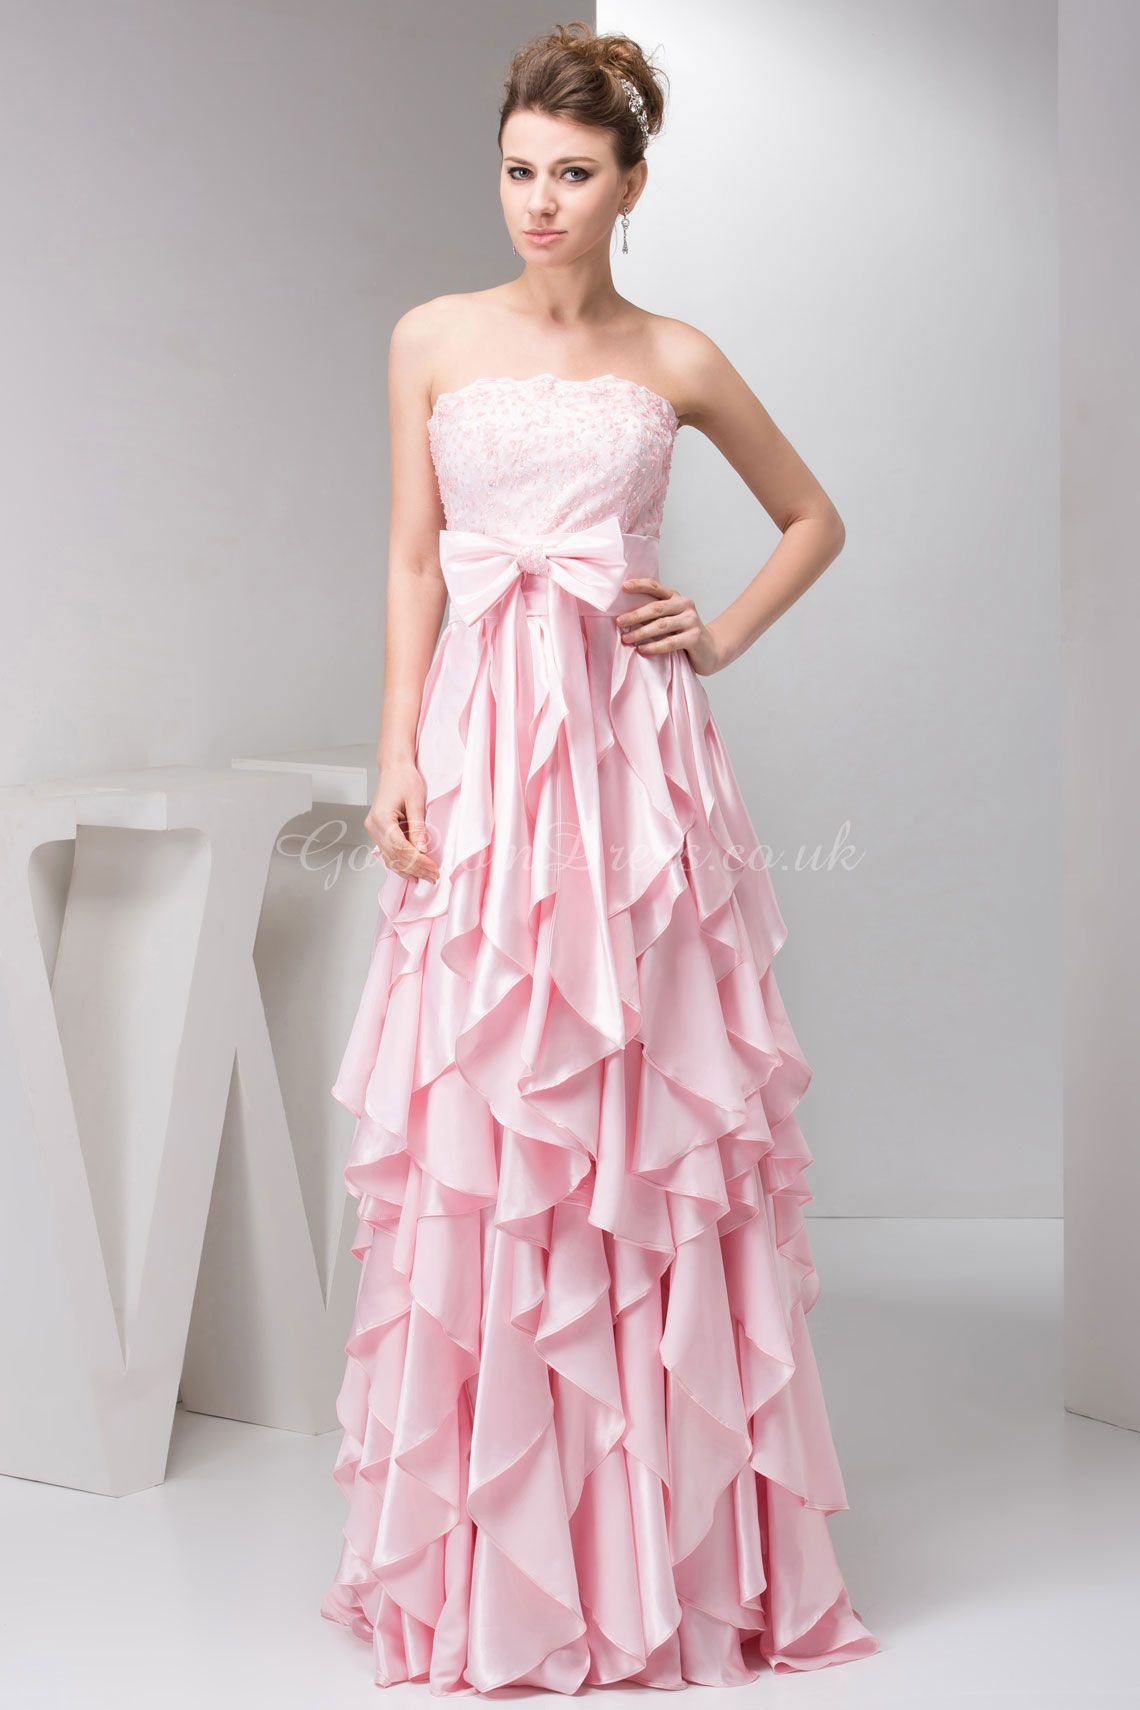 prom dress,prom dresses,prom dress,prom dresses a-line satin strapless natural waist floor-length zipper sleeveless bowknot lace ruffles pink prom dress